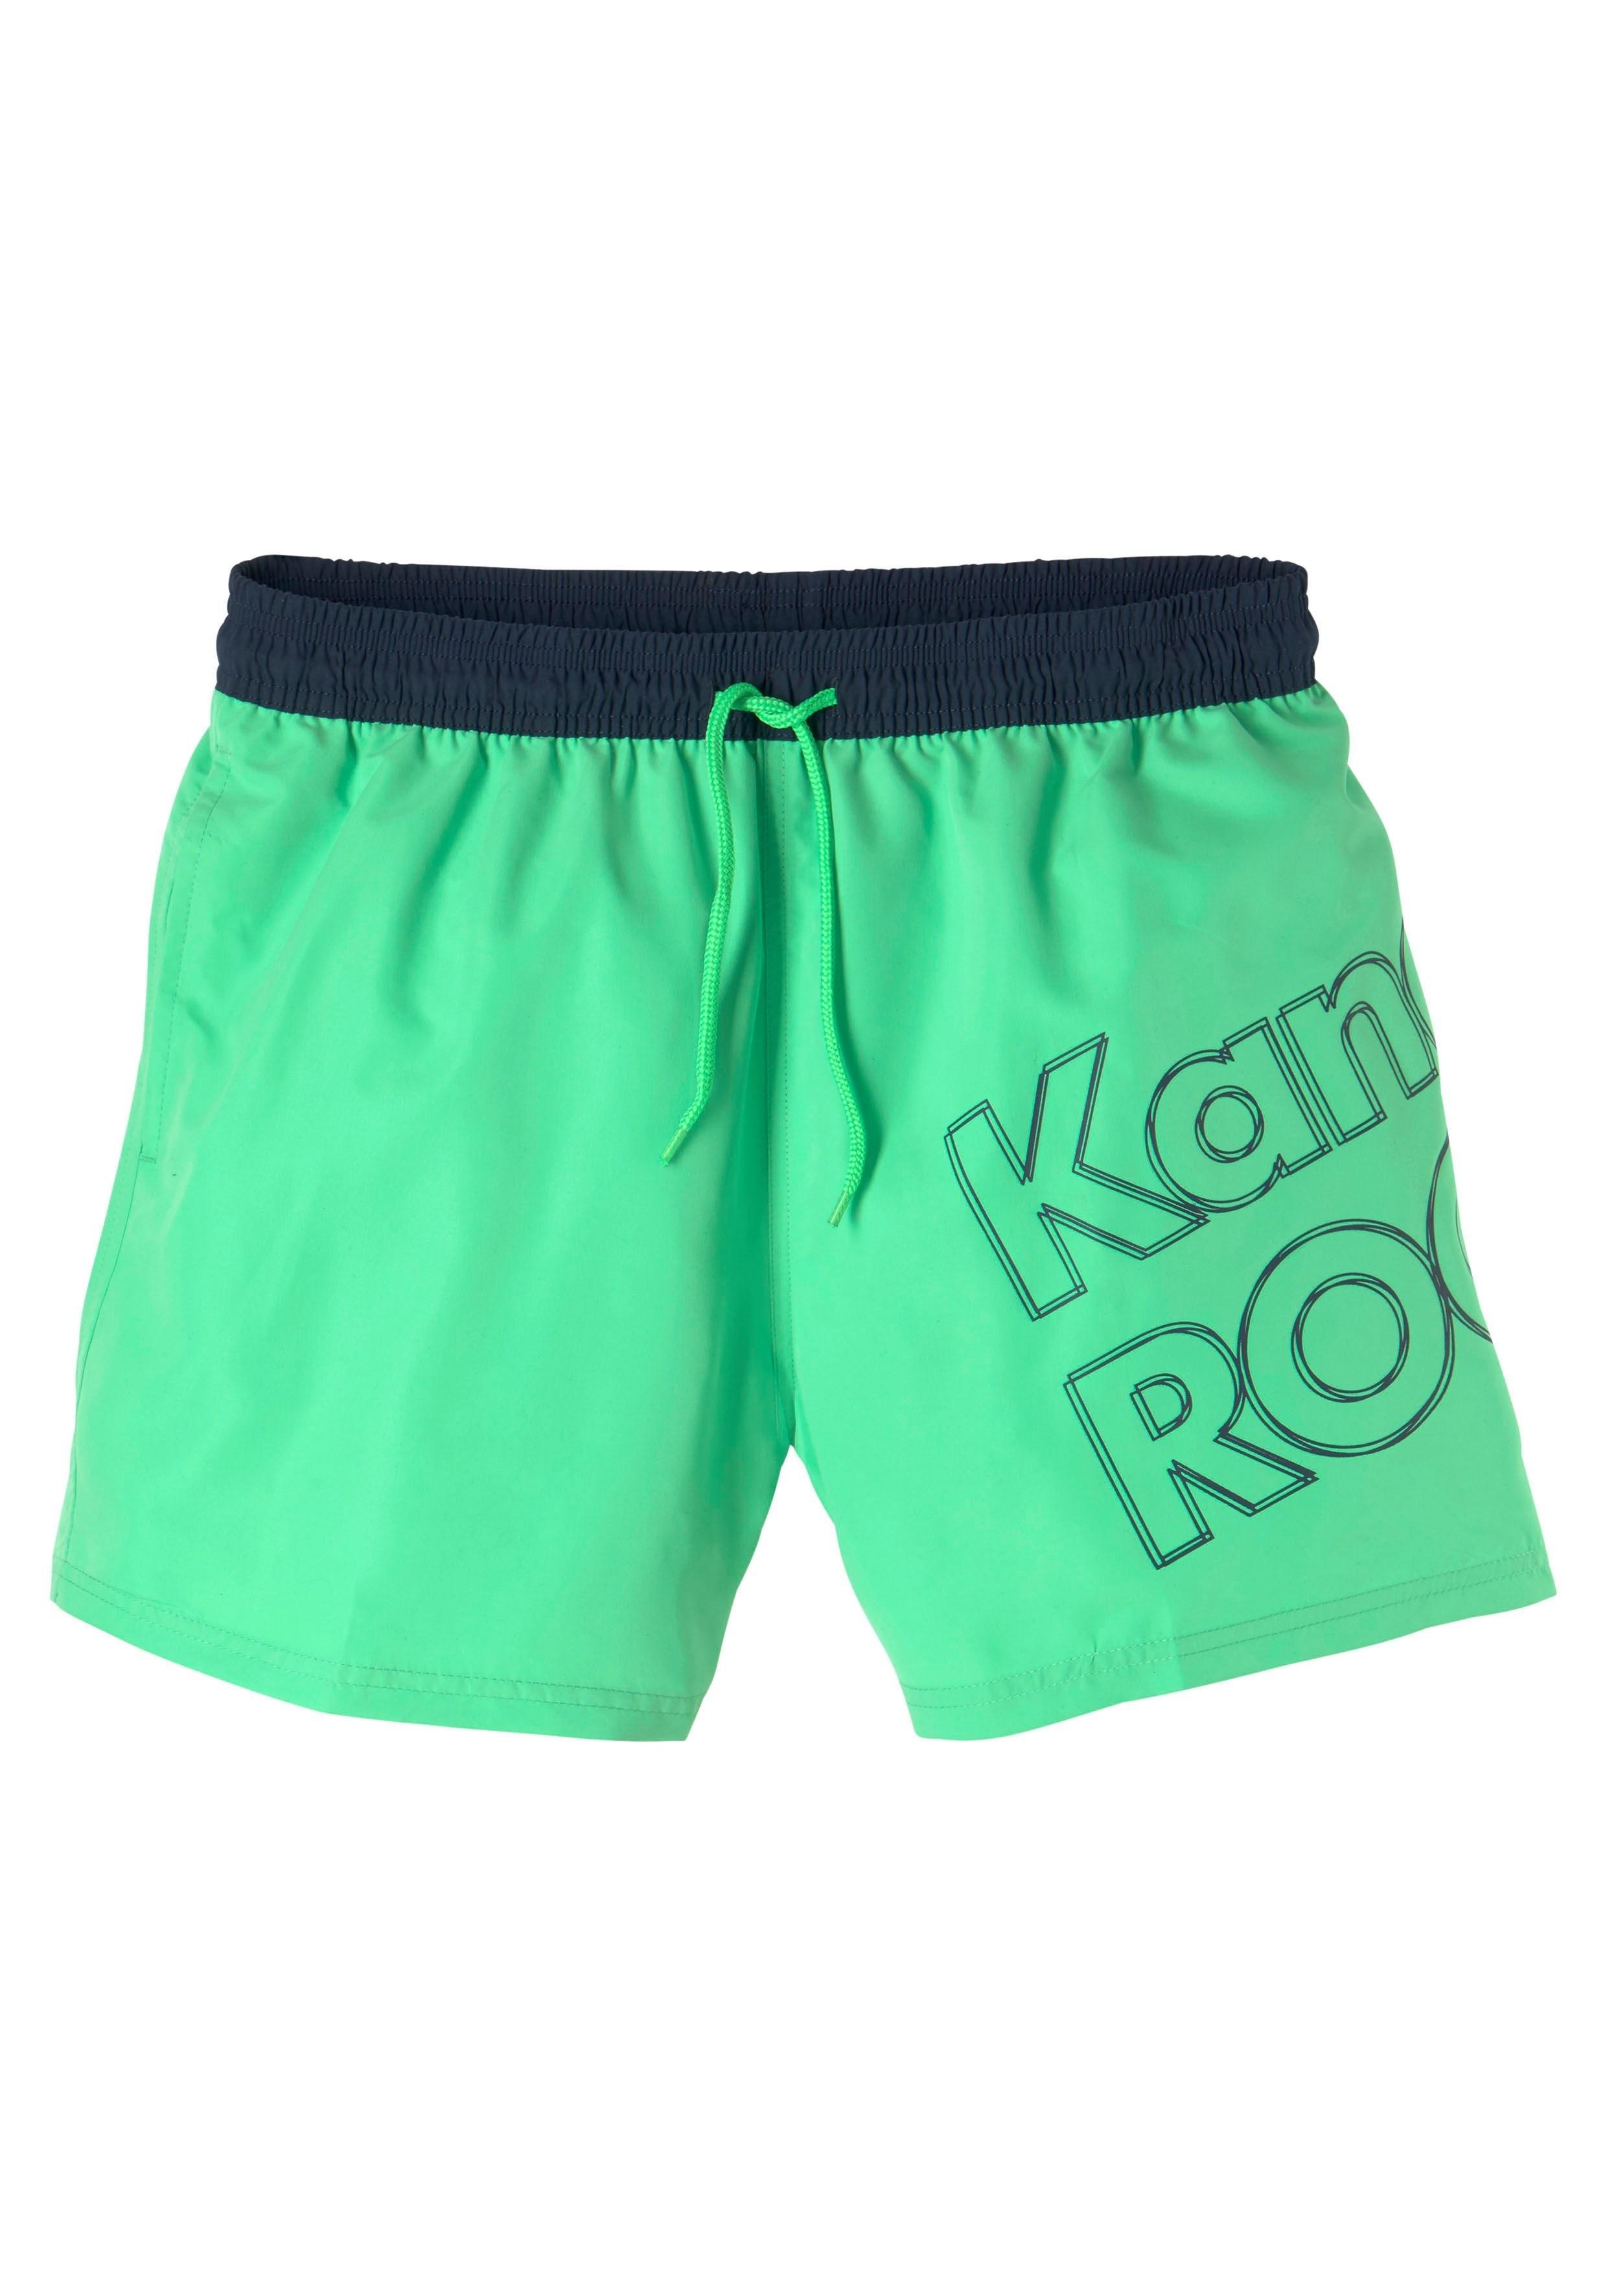 KangaROOS zwemshort bestellen: 30 dagen bedenktijd